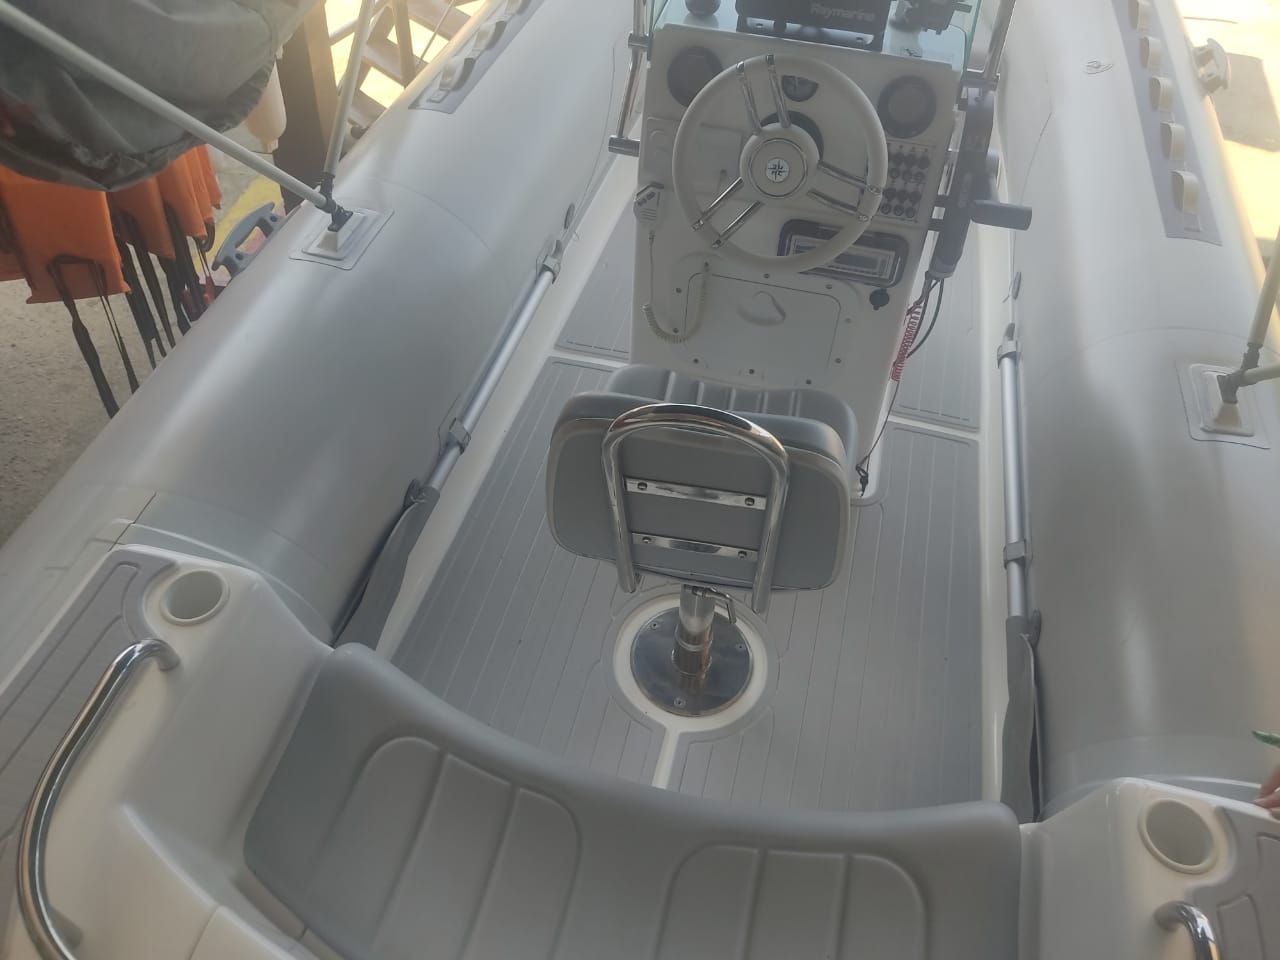 Flexboat SR 500 LX